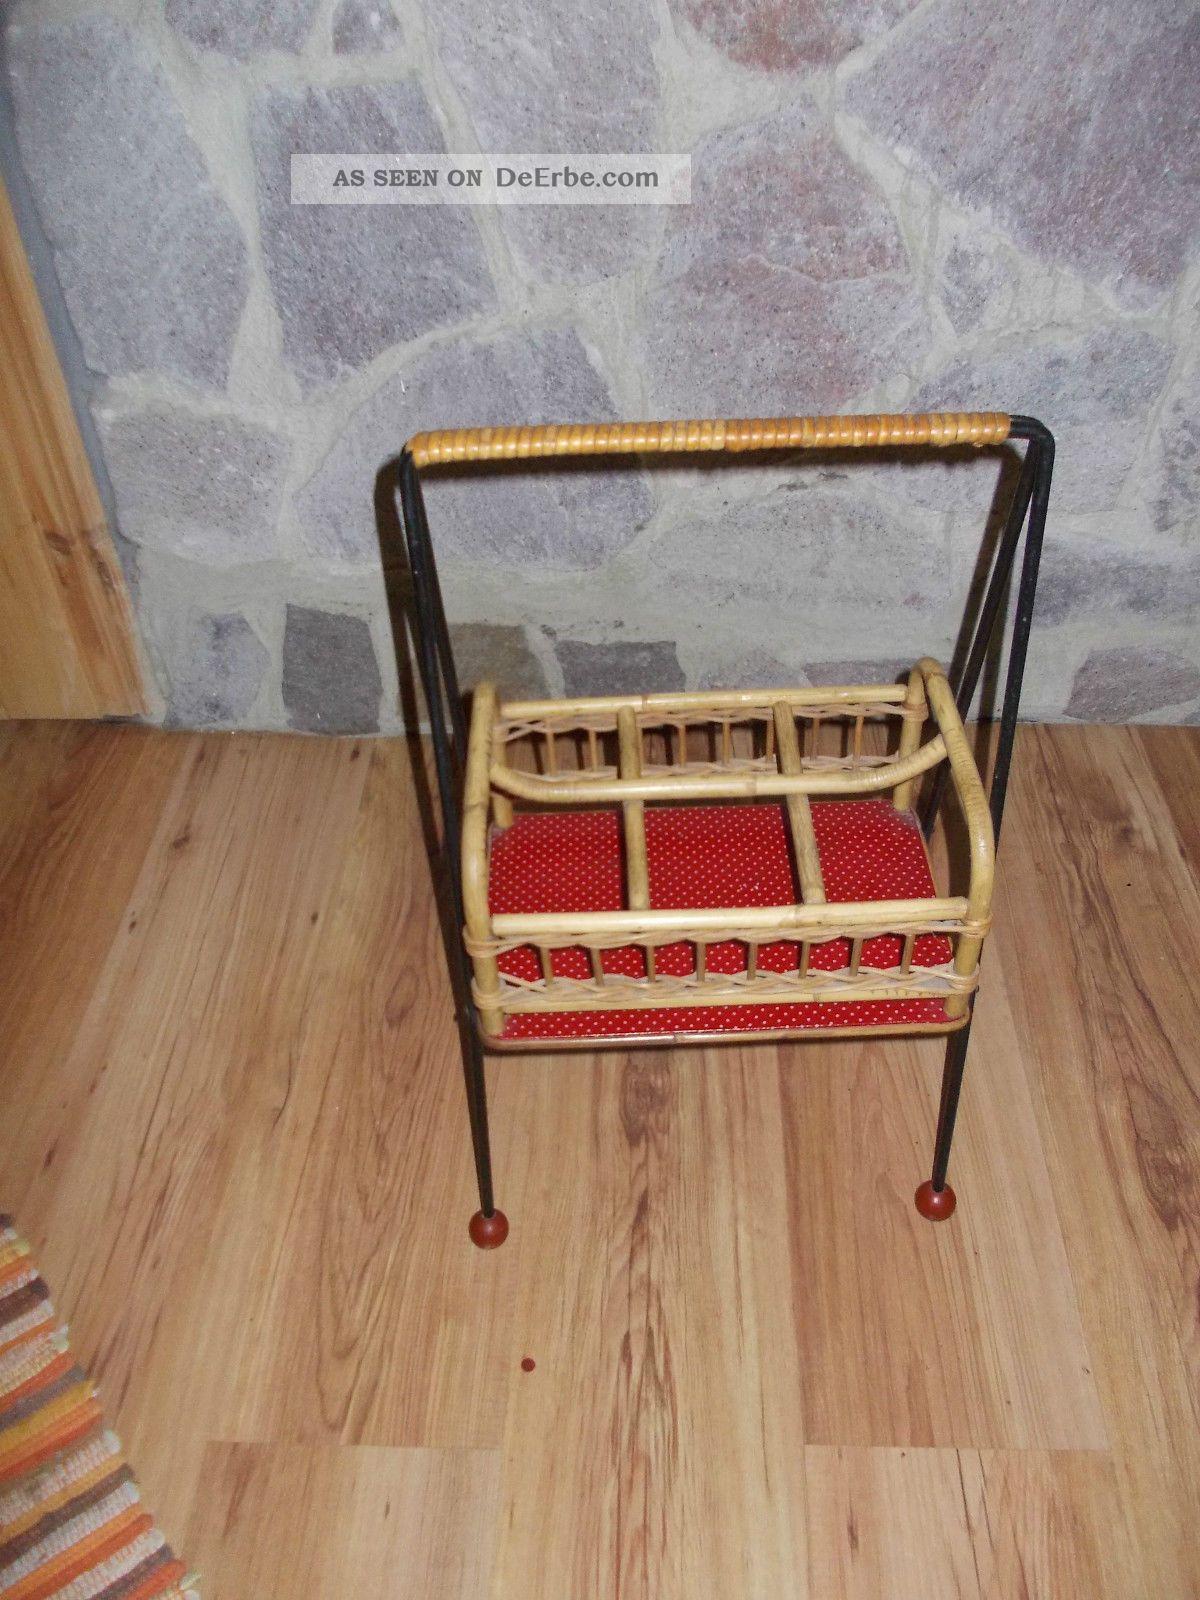 ddr m bel flaschenhalter st nder korb m bel retro vintage 60er j. Black Bedroom Furniture Sets. Home Design Ideas